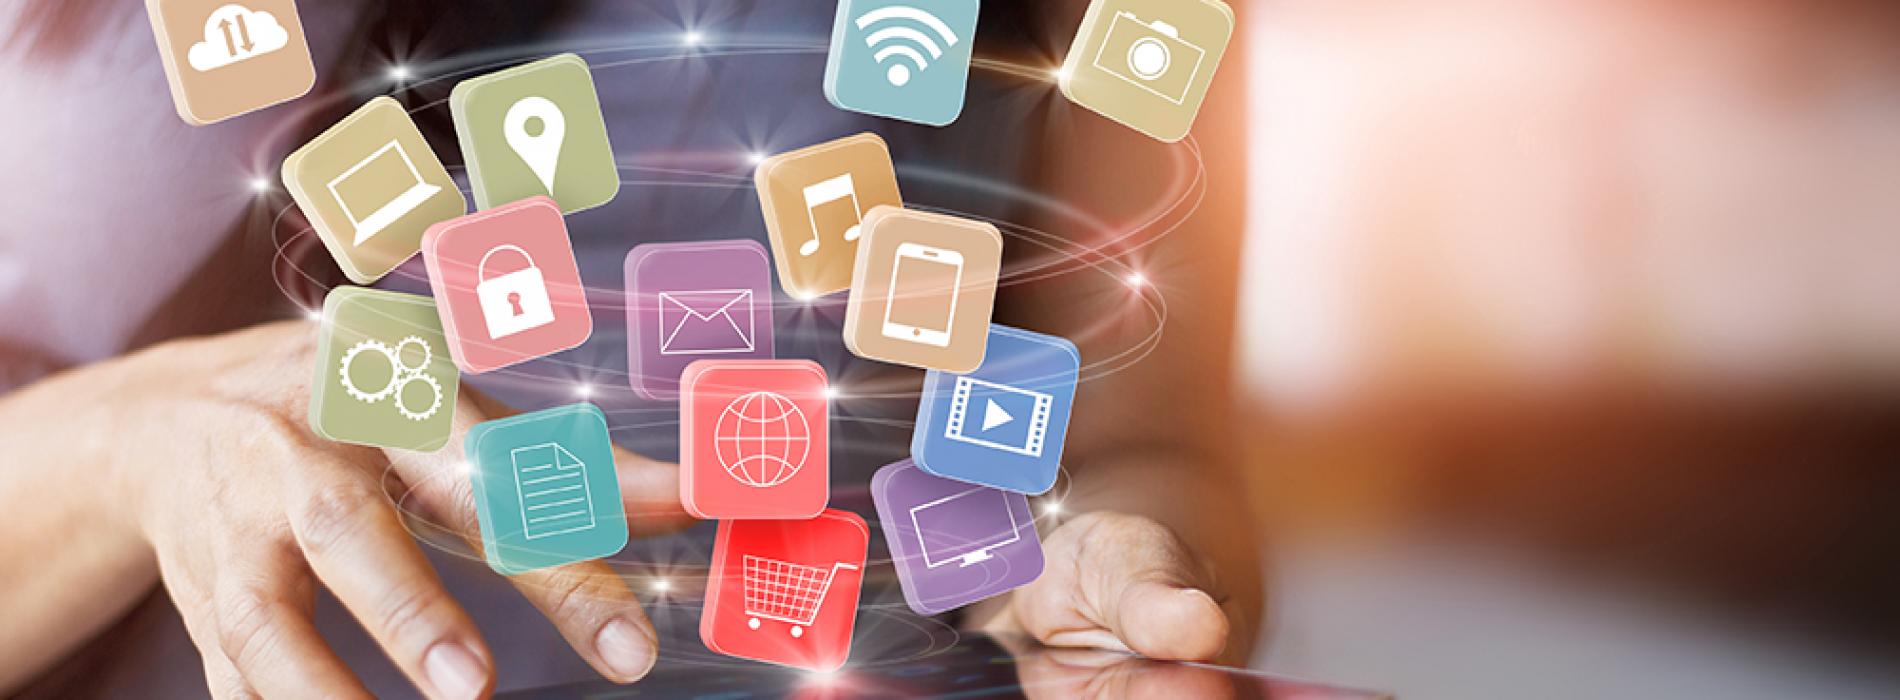 10 tendências para a transformação digital do varejo